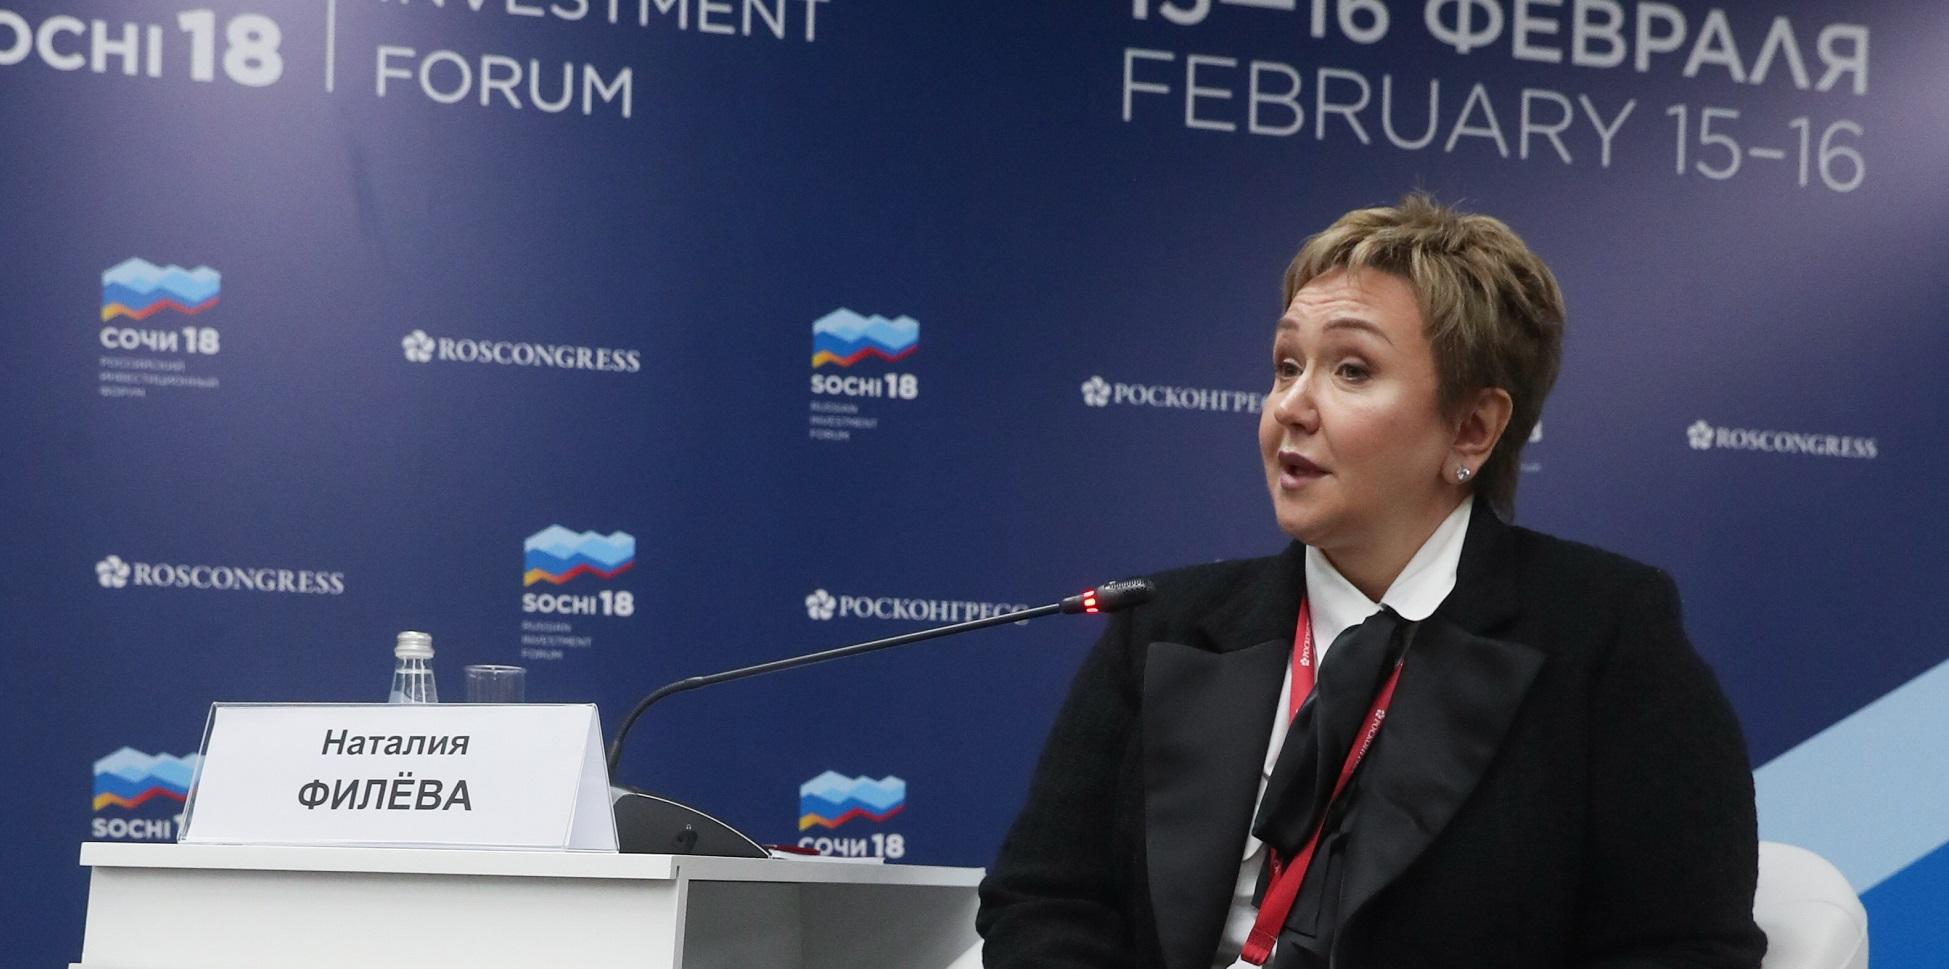 Наталья Филева из S7 попросила не звать чиновников на инвестфорумы